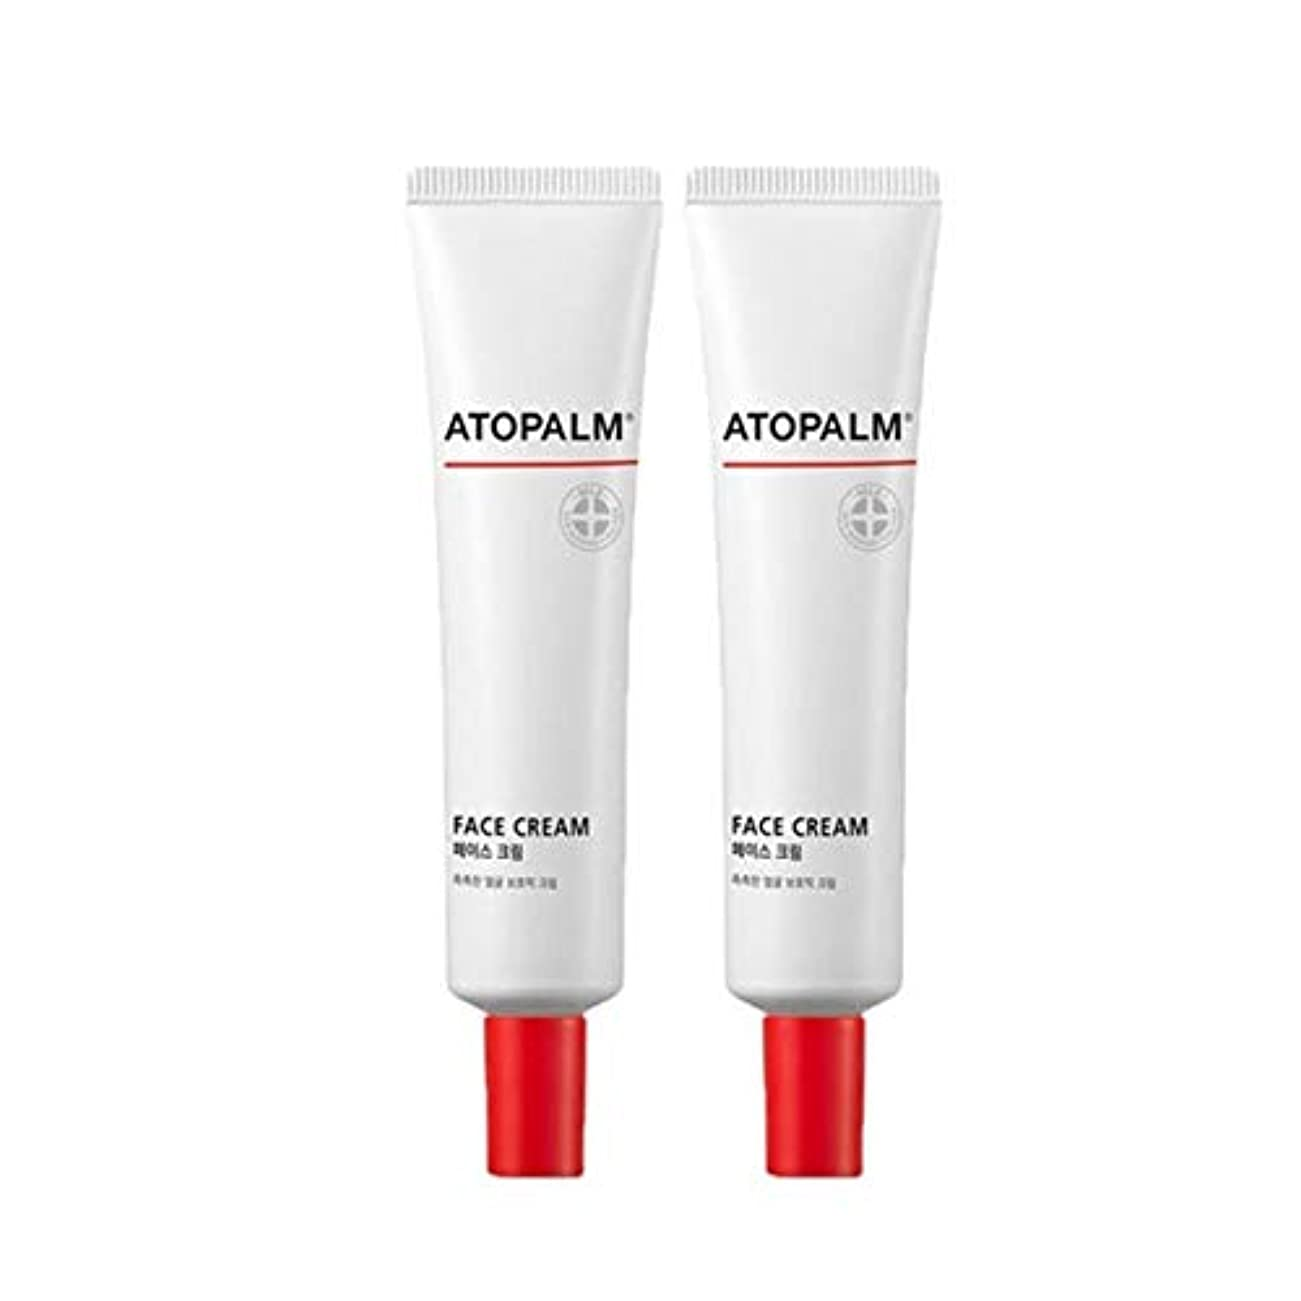 予測子お尻特徴アトパムフェイスクリーム35mlx2本セット韓国コスメ、Atopalm Face Cream 35ml x 2ea Set Korean Cosmetics [並行輸入品]